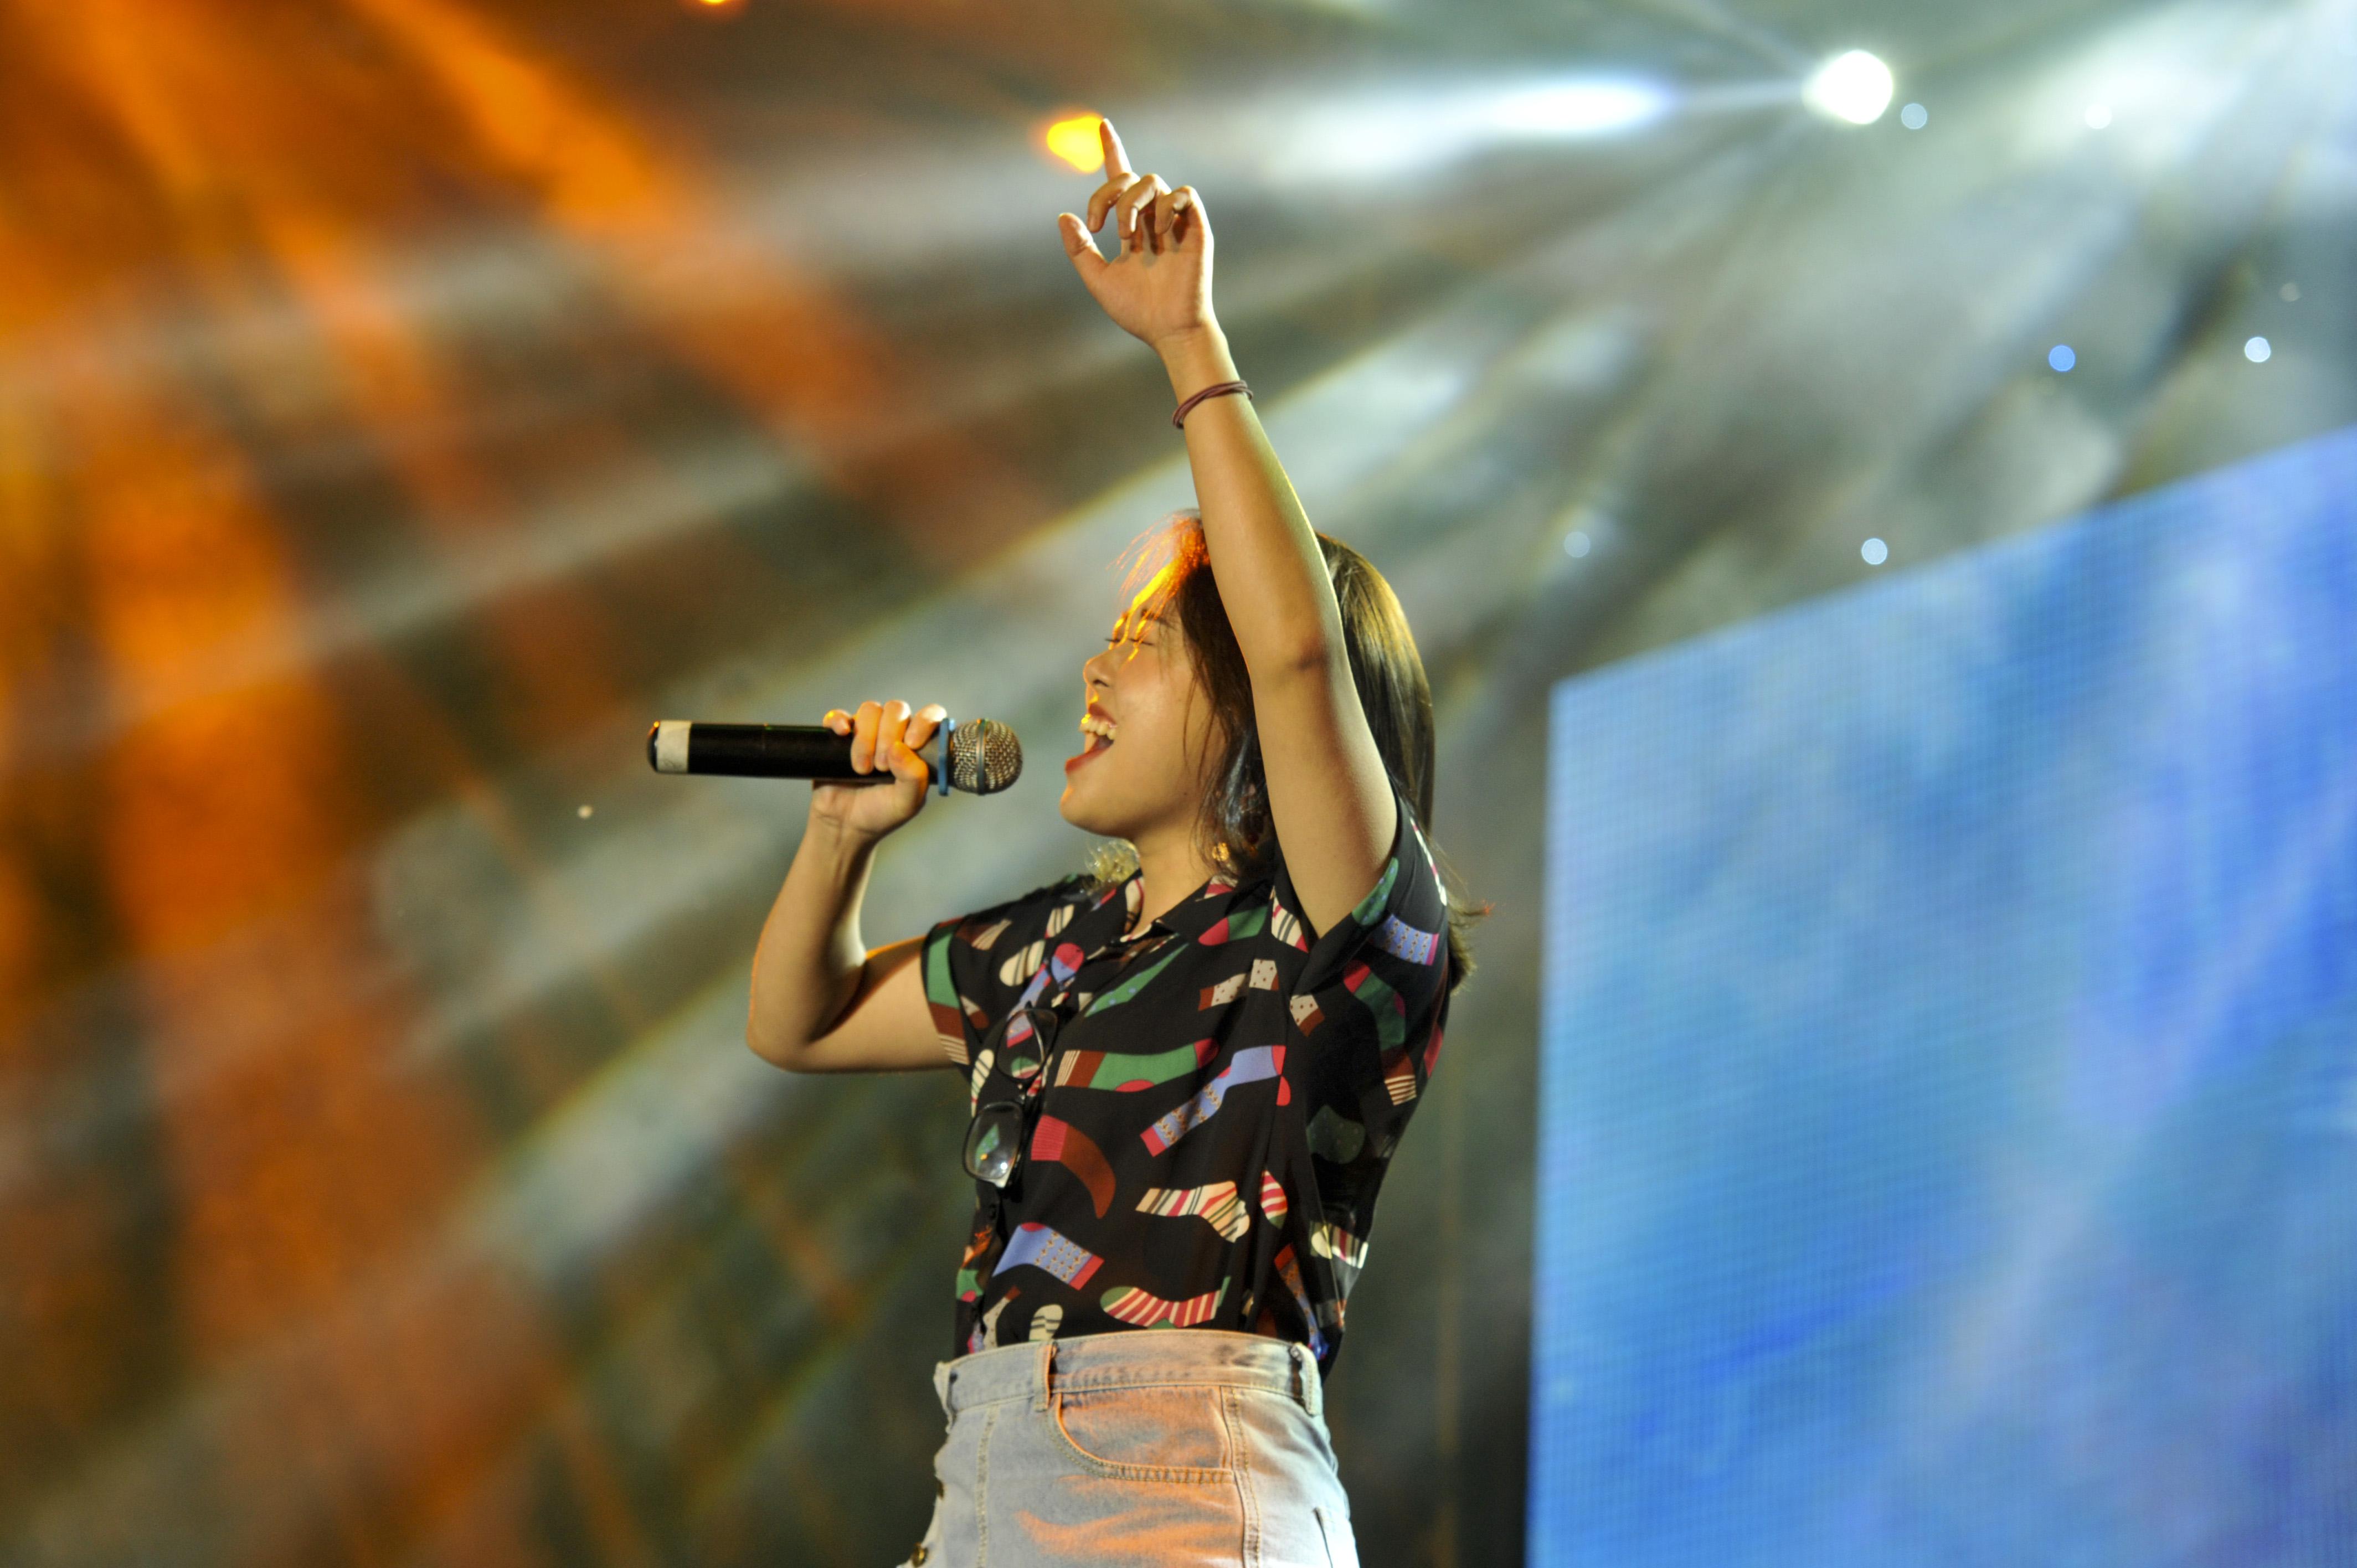 """Lê Hải Băng, cô nàng sinh viên năm nhất đầy tài năng của ĐH FPT, đã nắm giữ trái tim của hàng nghìn bạn trẻ qua một tác phẩm """"Xúy Vân giả dại"""" cùng CLB Guitar."""